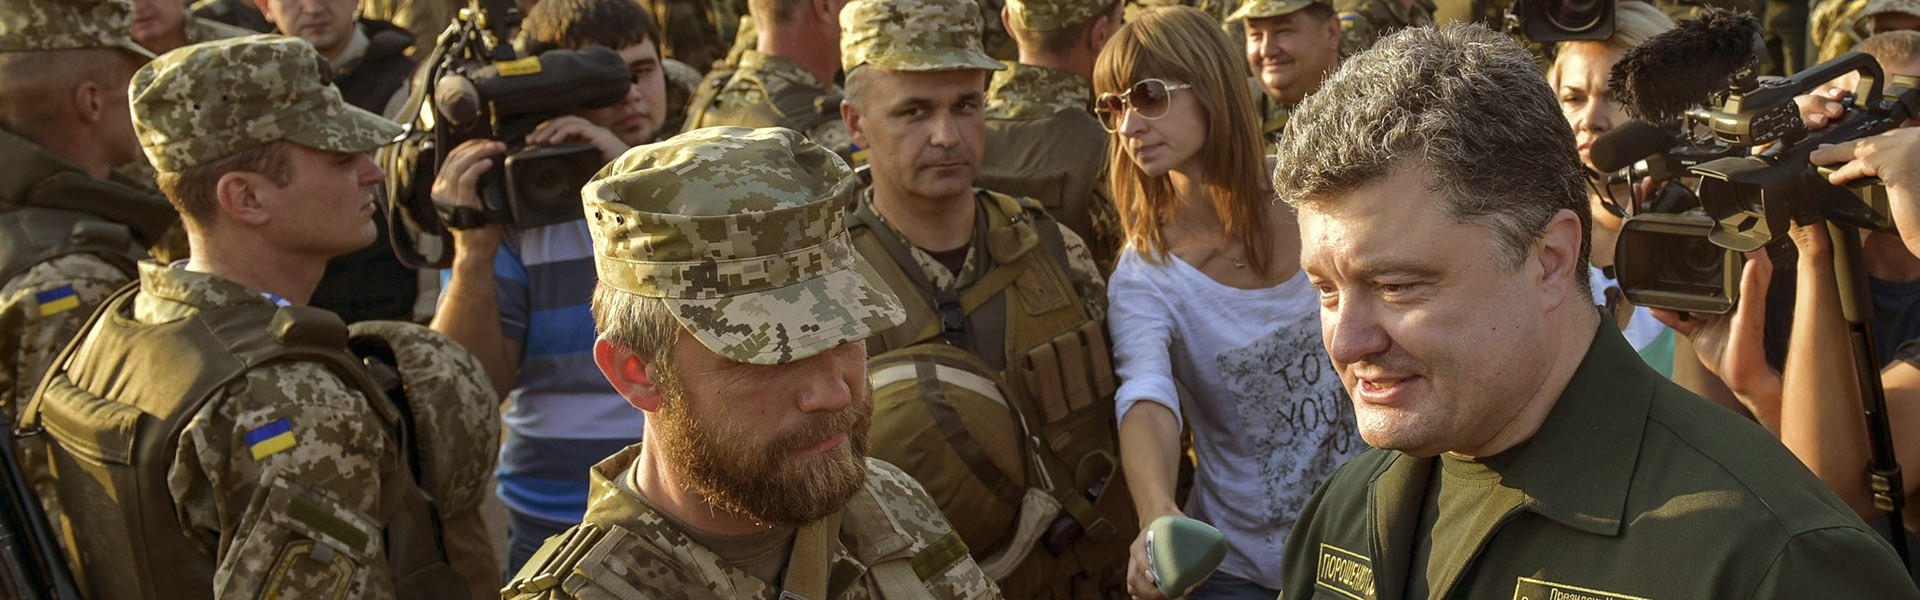 Российские добровольцы и политэмигранты в Украине